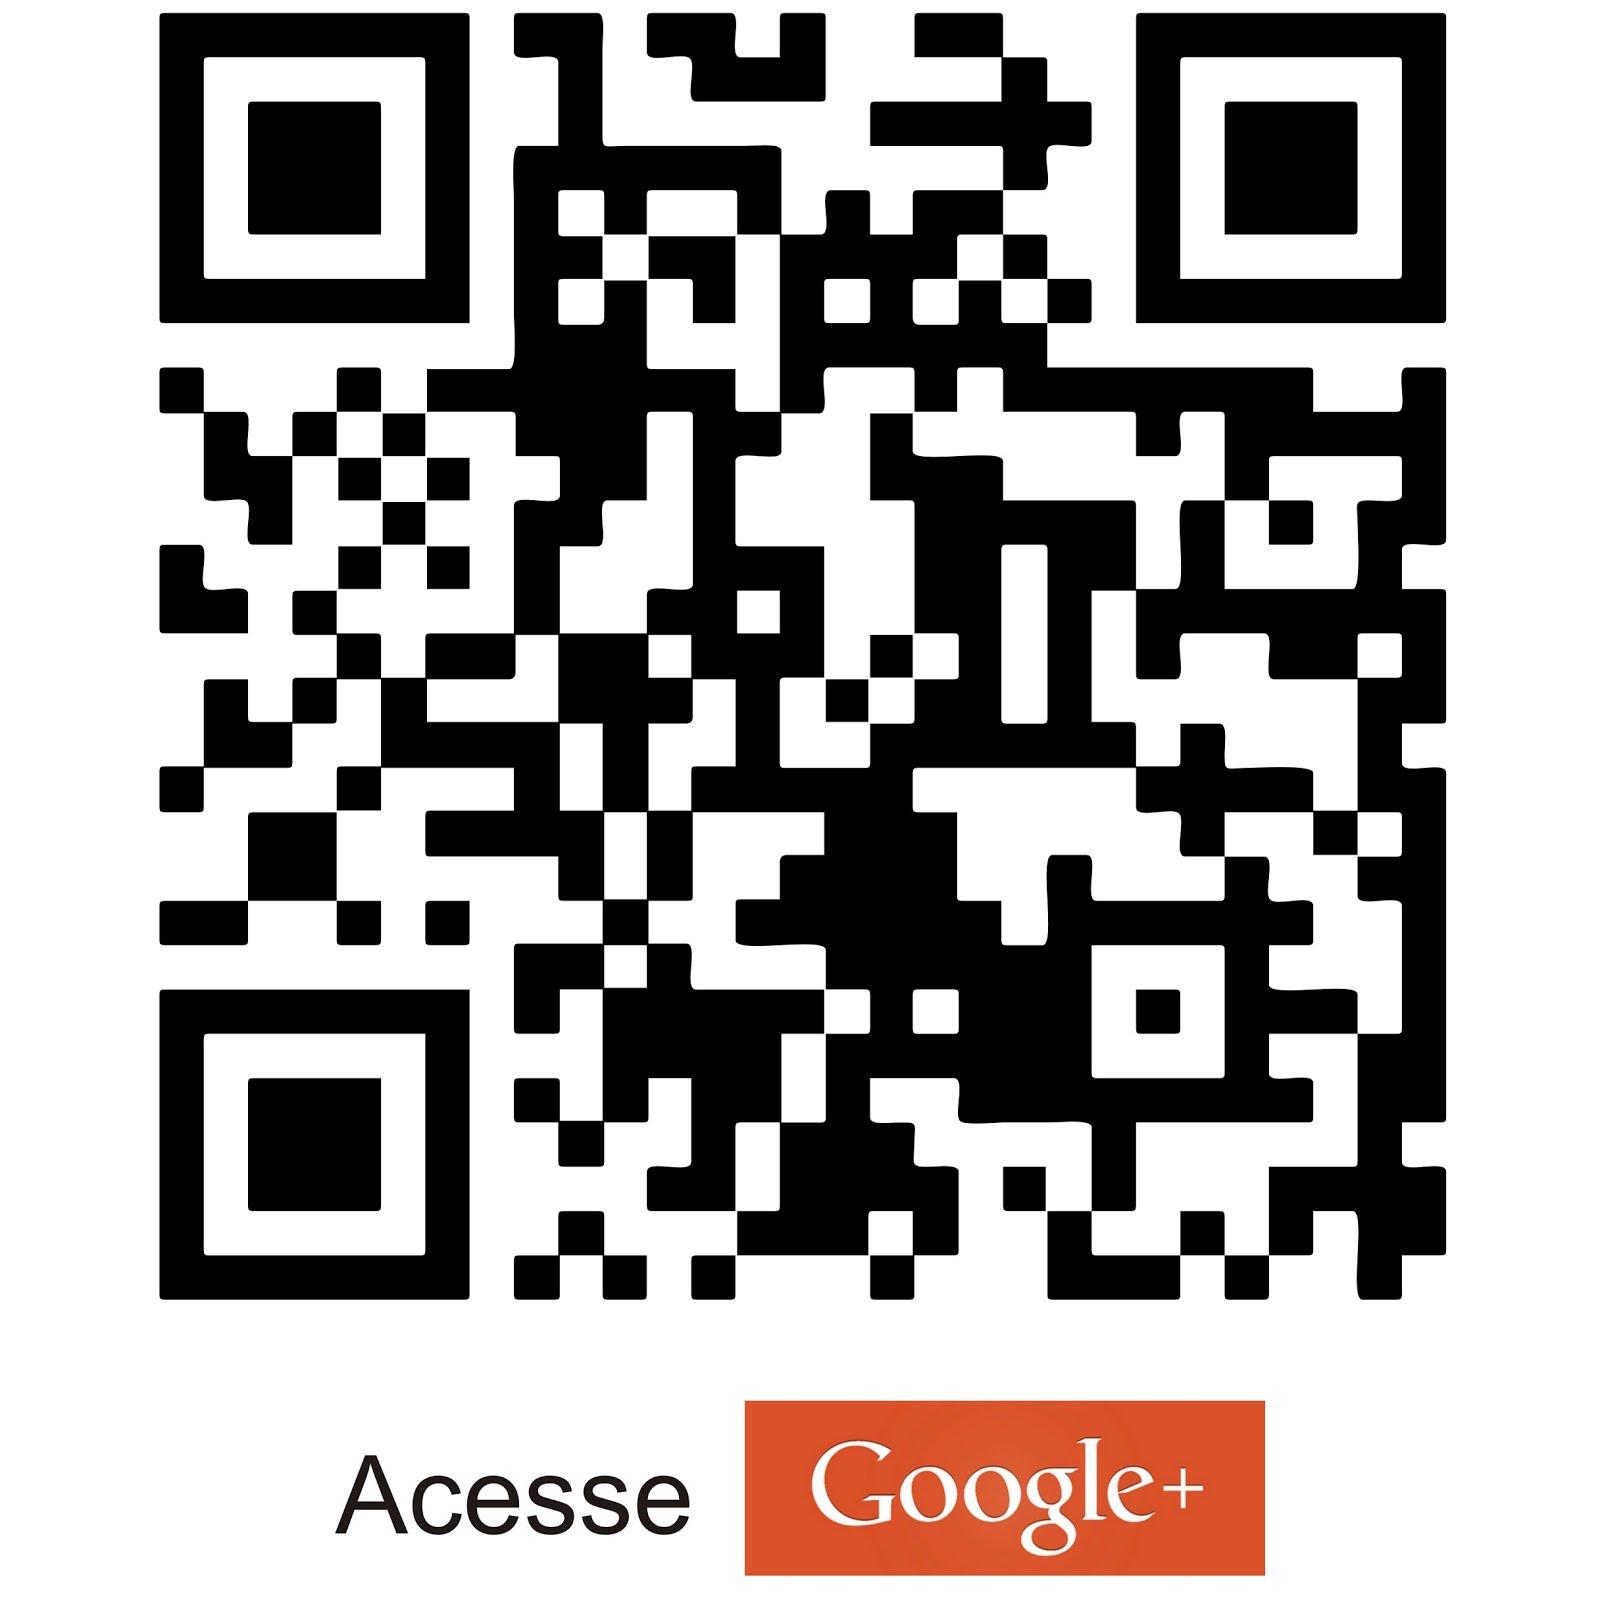 Escaneie o QR code